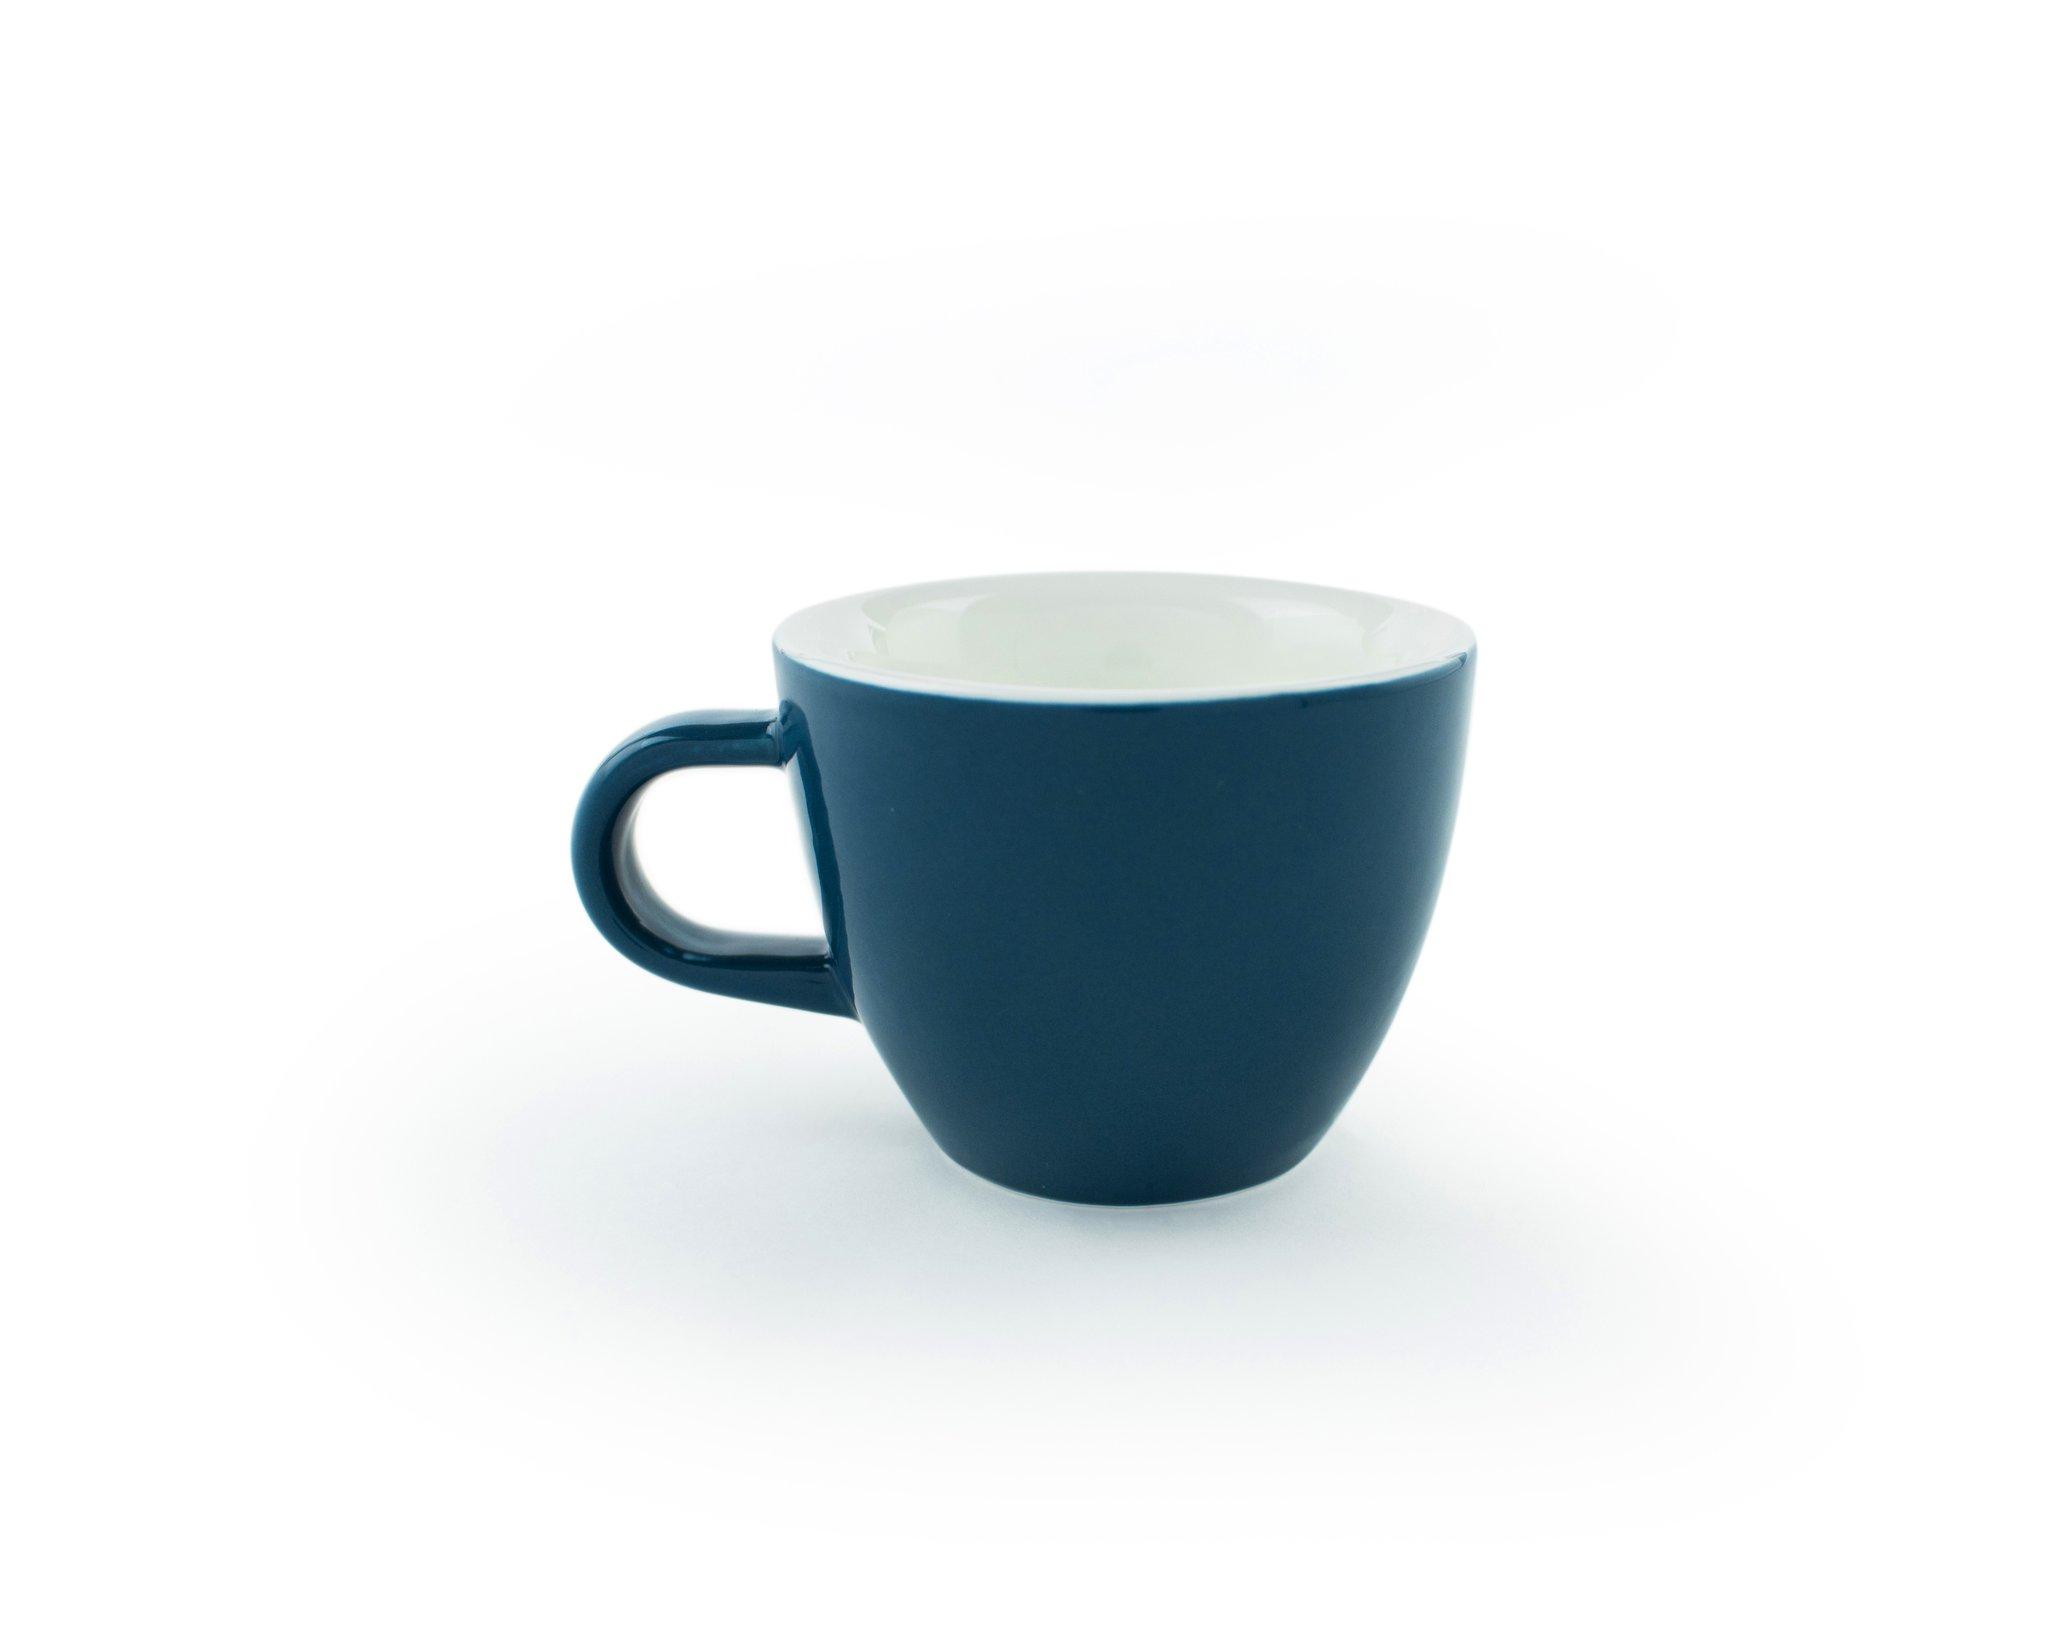 WL-1007_Whale_Demitasse_Cup_1024x1024@2x